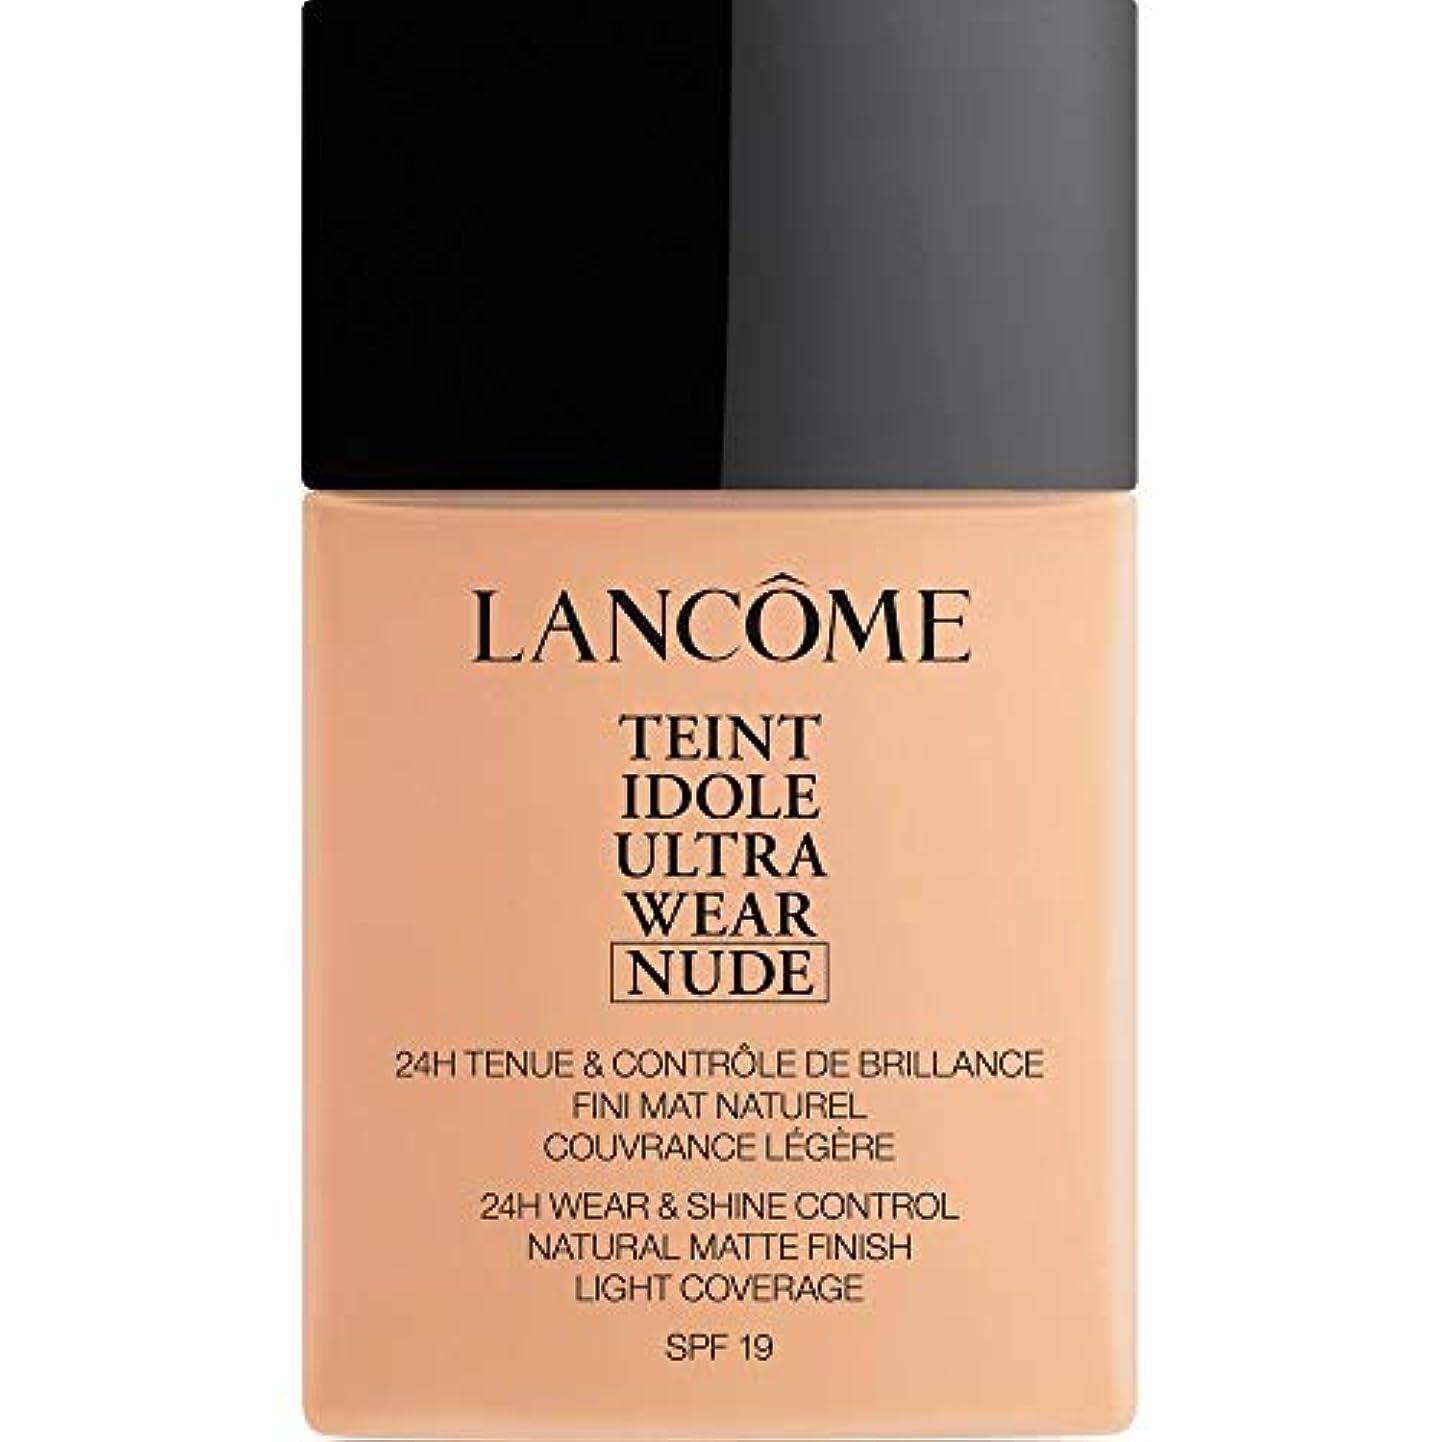 辞書シュリンクモック[Lanc?me ] ランコムTeintのIdole超摩耗ヌード財団Spf19の40ミリリットル023 - ベージュオロール - Lancome Teint Idole Ultra Wear Nude Foundation...